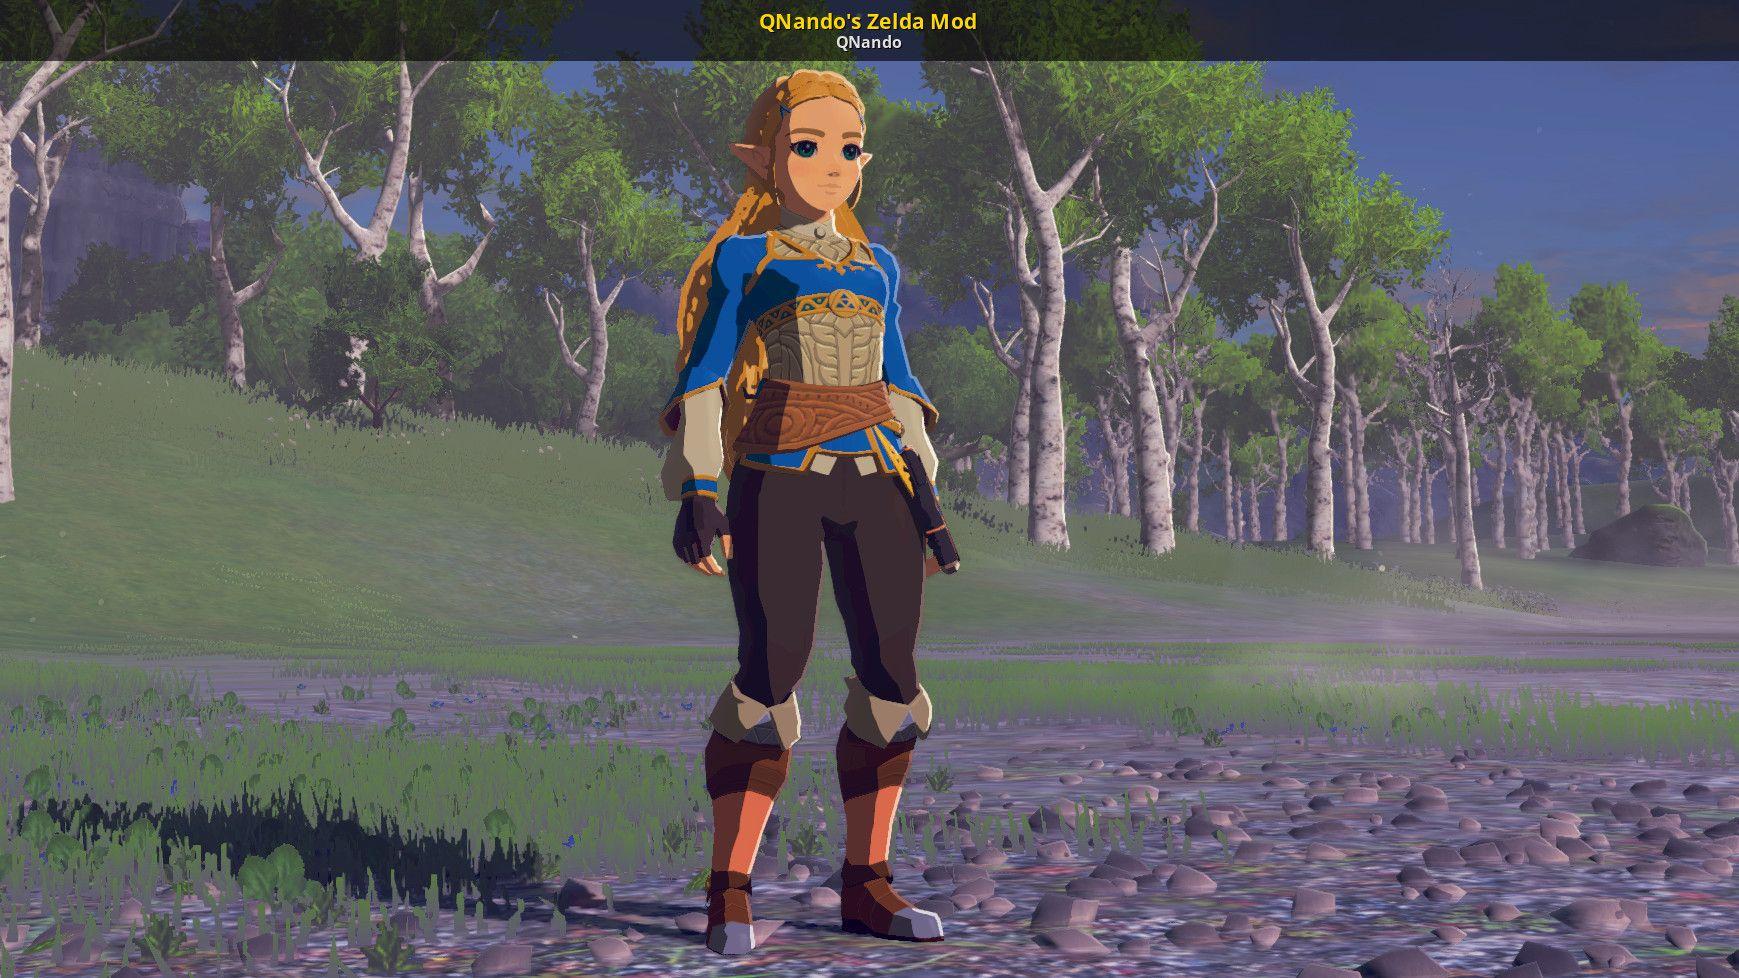 Qnando S Zelda Mod The Legend Of Zelda Breath Of The Wild Wiiu Skin Mods Legend Of Zelda Breath Of The Wild Legend